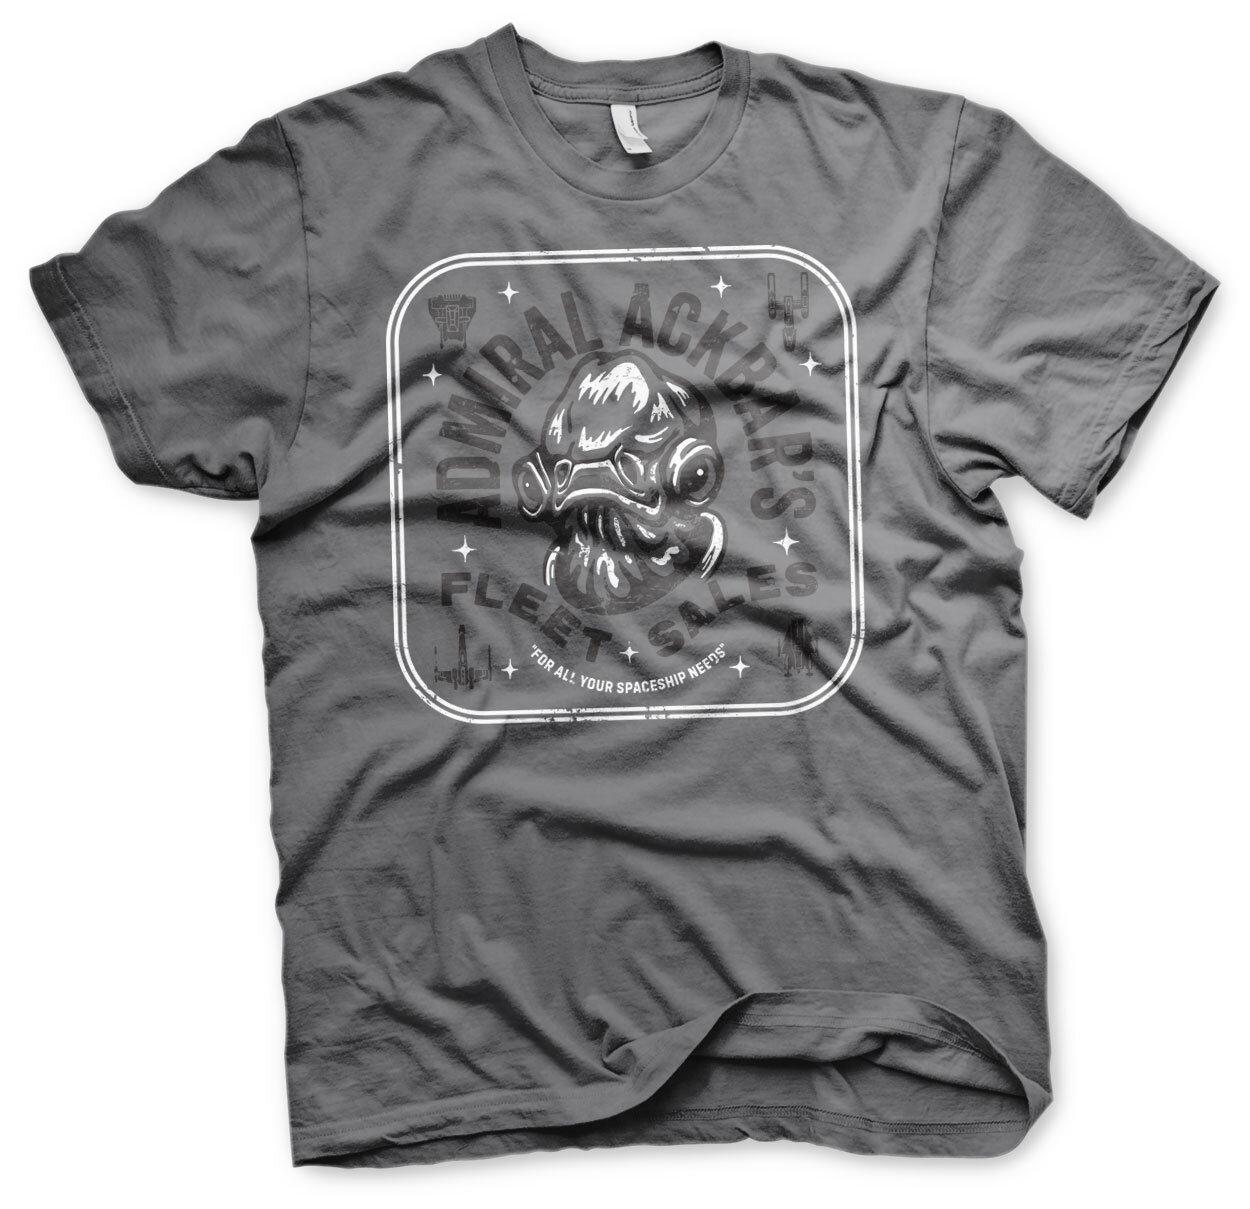 Admiral Ackbar's Fleet Sales T-Shirt